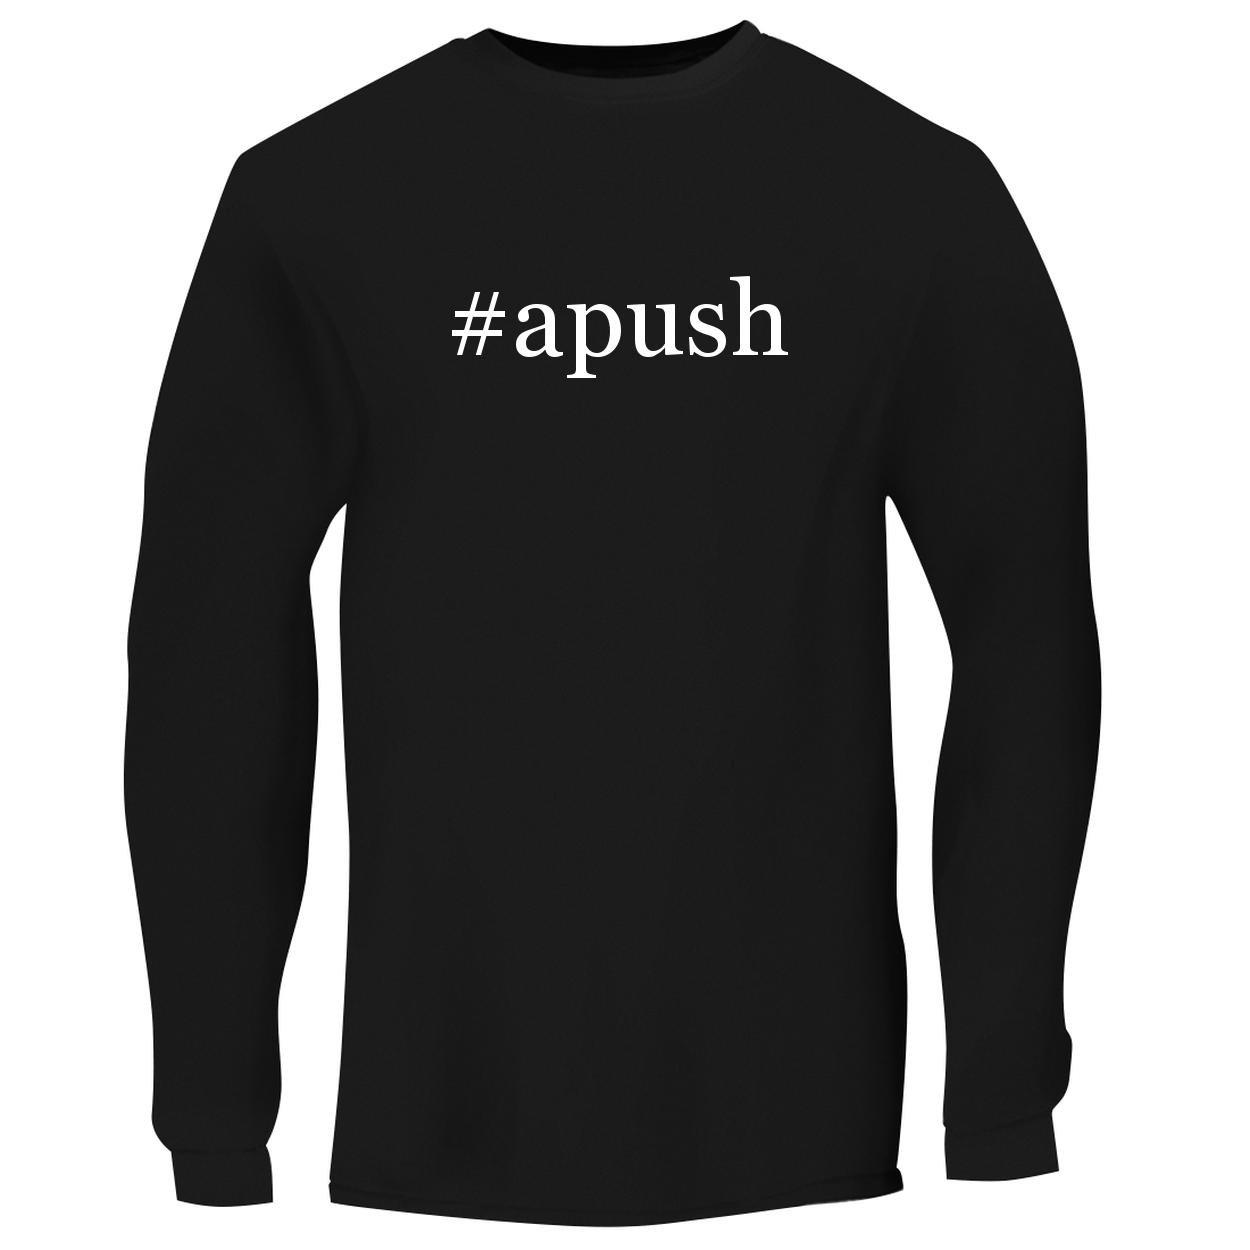 The Black Shirts Apush - DREAMWORKS